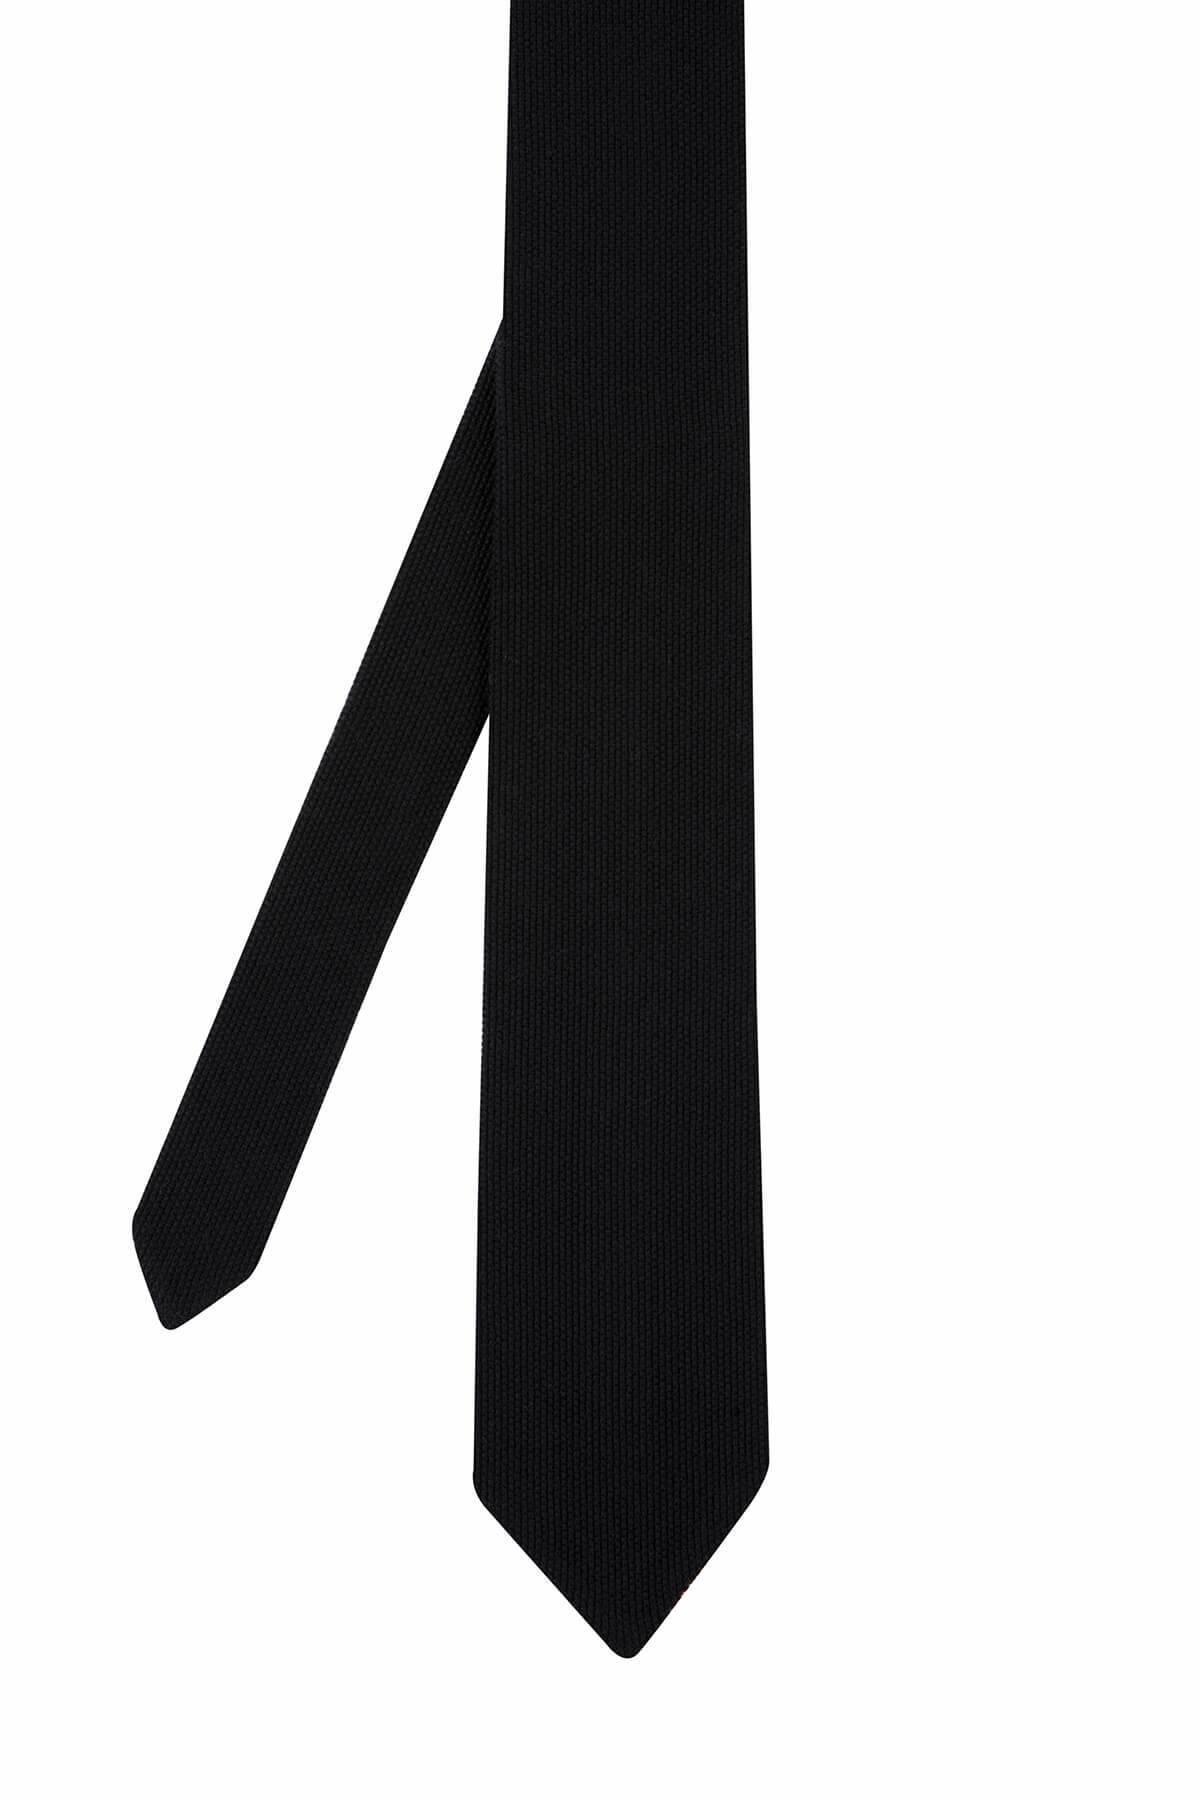 Siyah Örgü Kravat